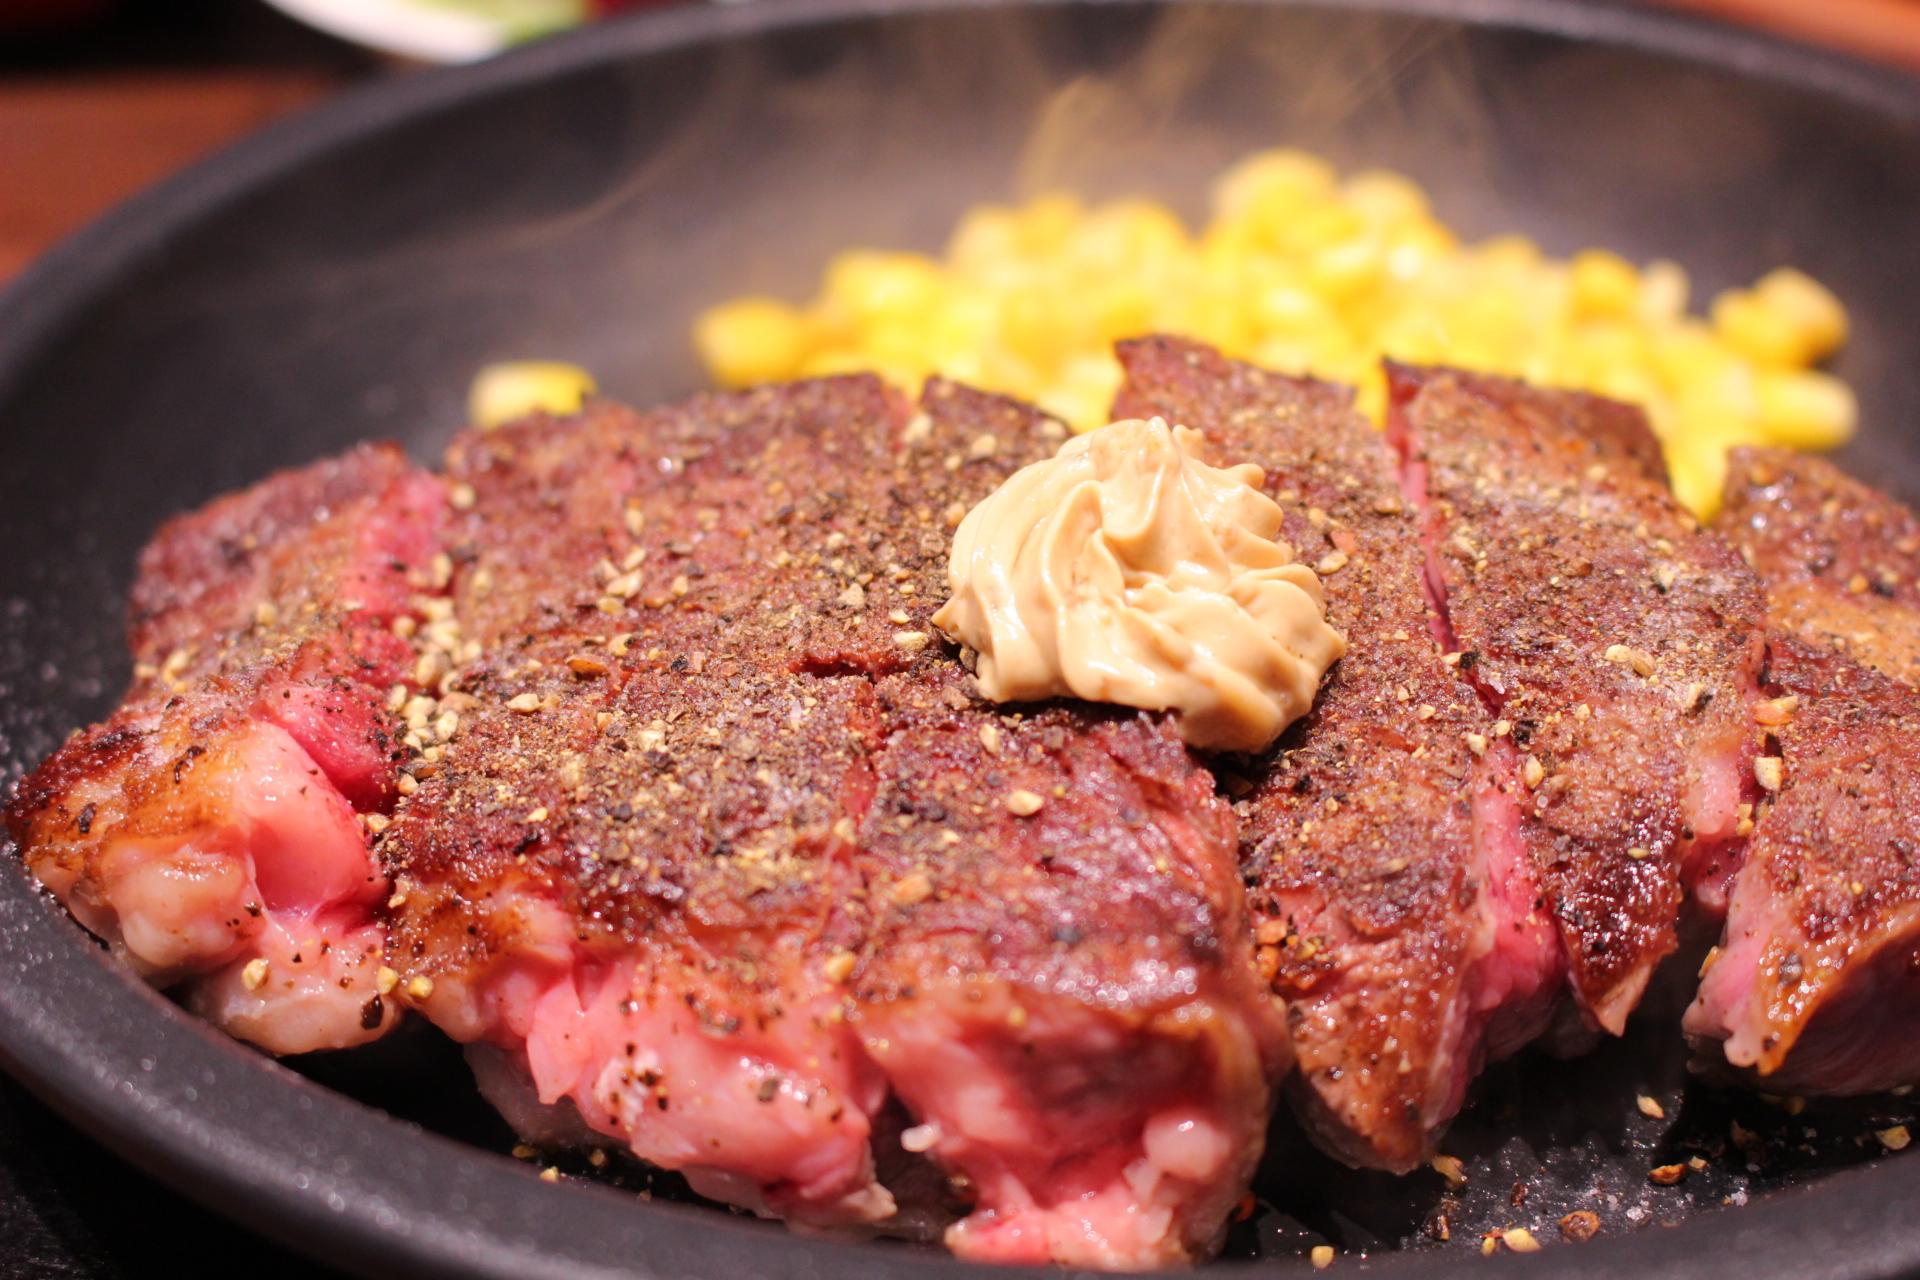 【いきなりステーキ】下通りでランチ!おすすめ300g!がっつり食べた